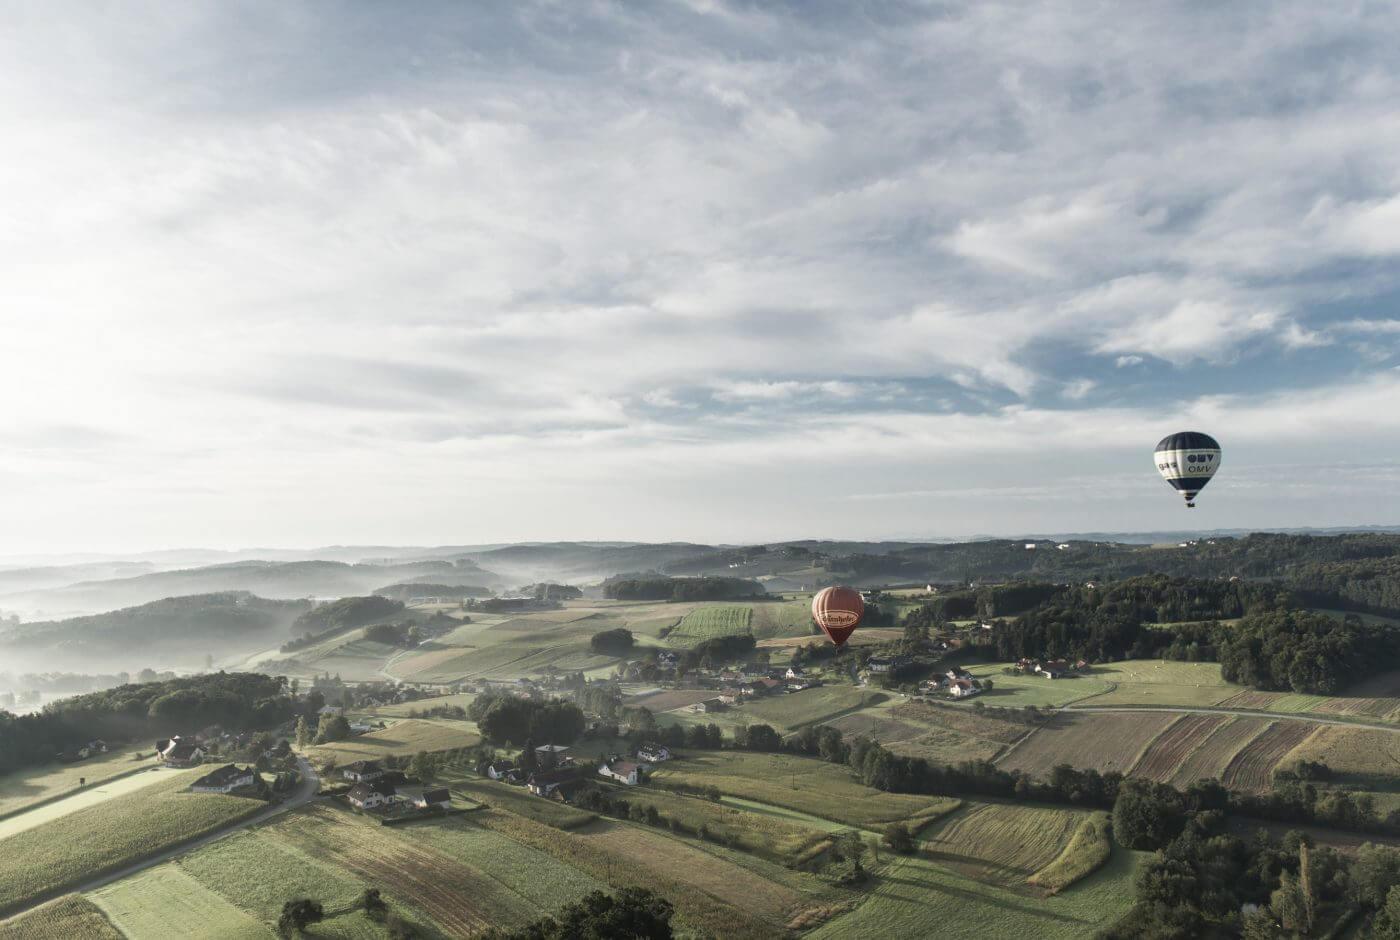 Landschaft, Ballon